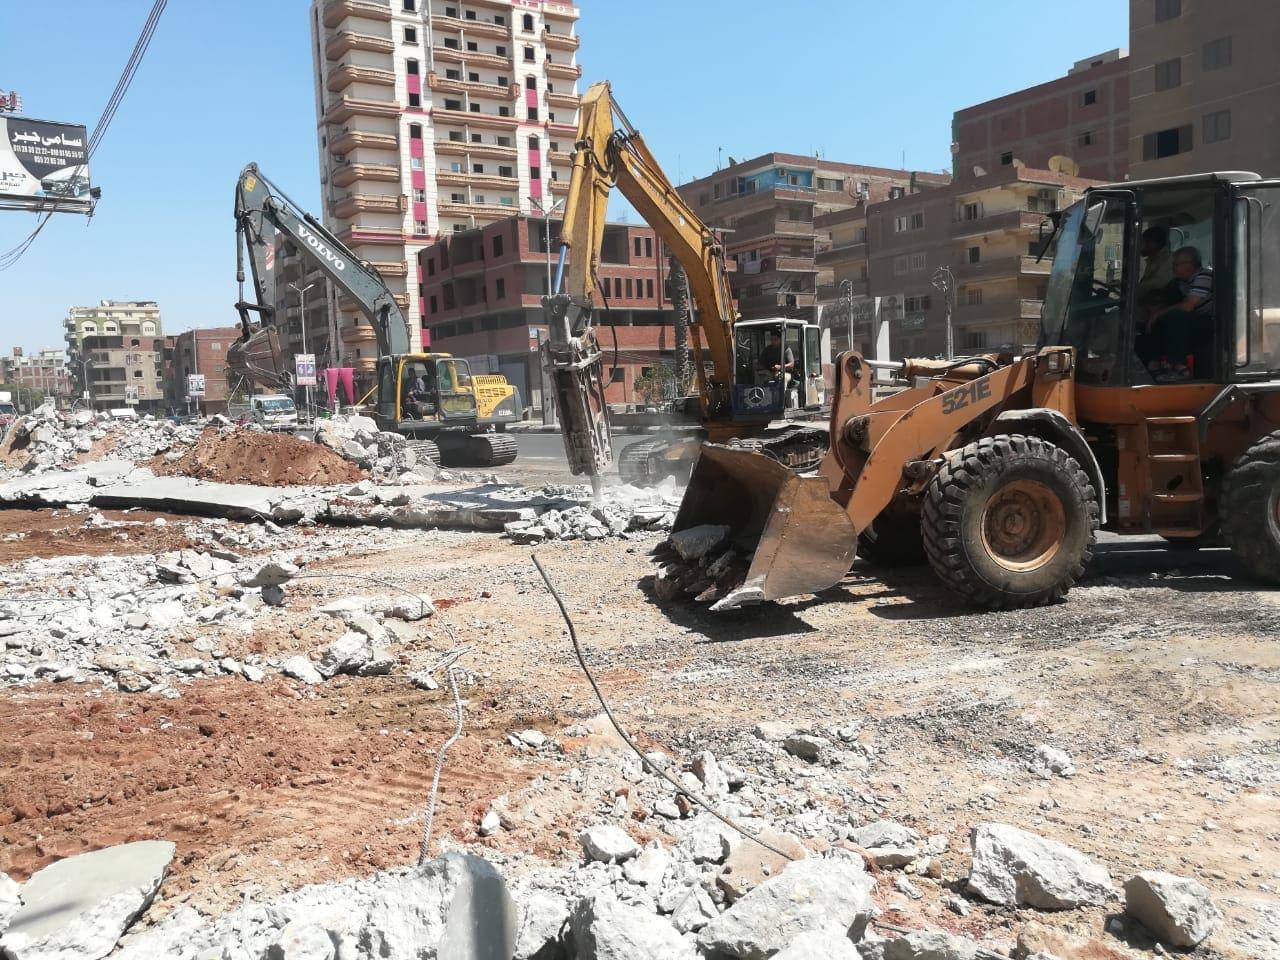 رئيس مركز مدينة الزقـازيق يتابع أعمال رفع الاشغالات بنطاق المدينة